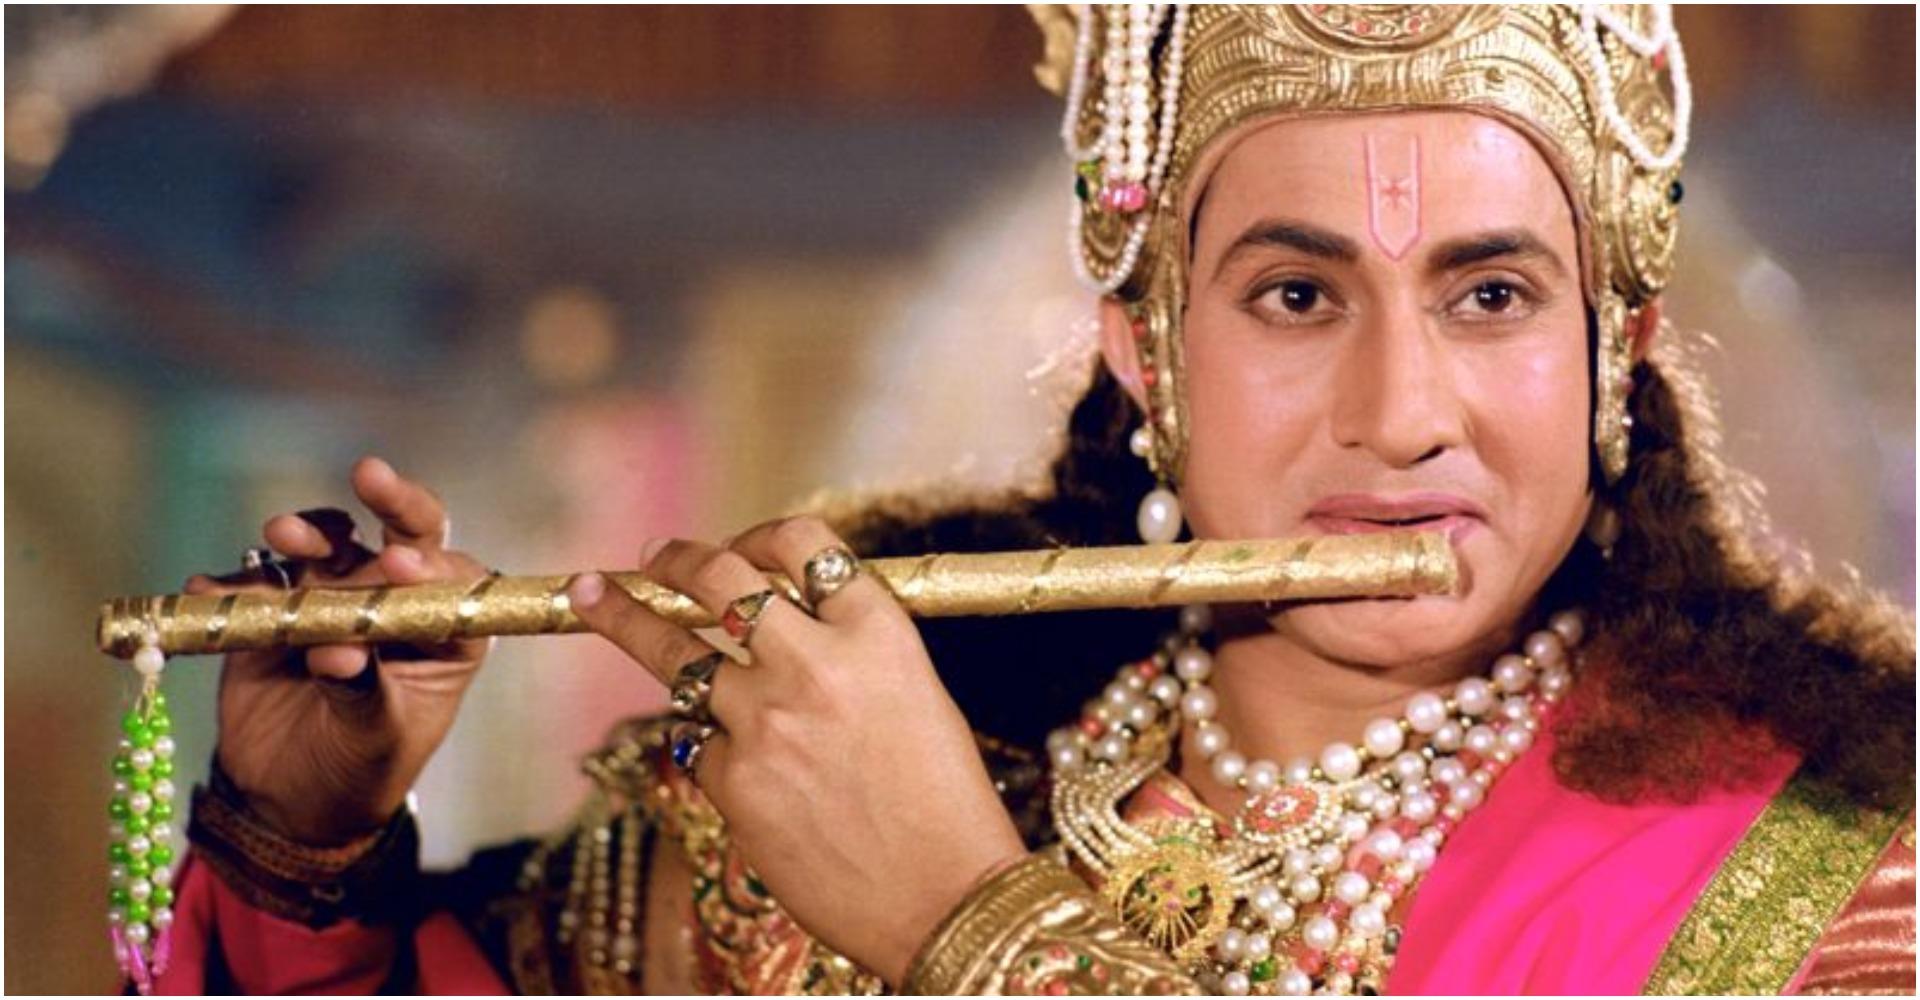 GOOD NEWS! रामायण और महाभारत के बाद अब 'श्री कृष्णा' होगा दूरदर्शन पर प्रसारित